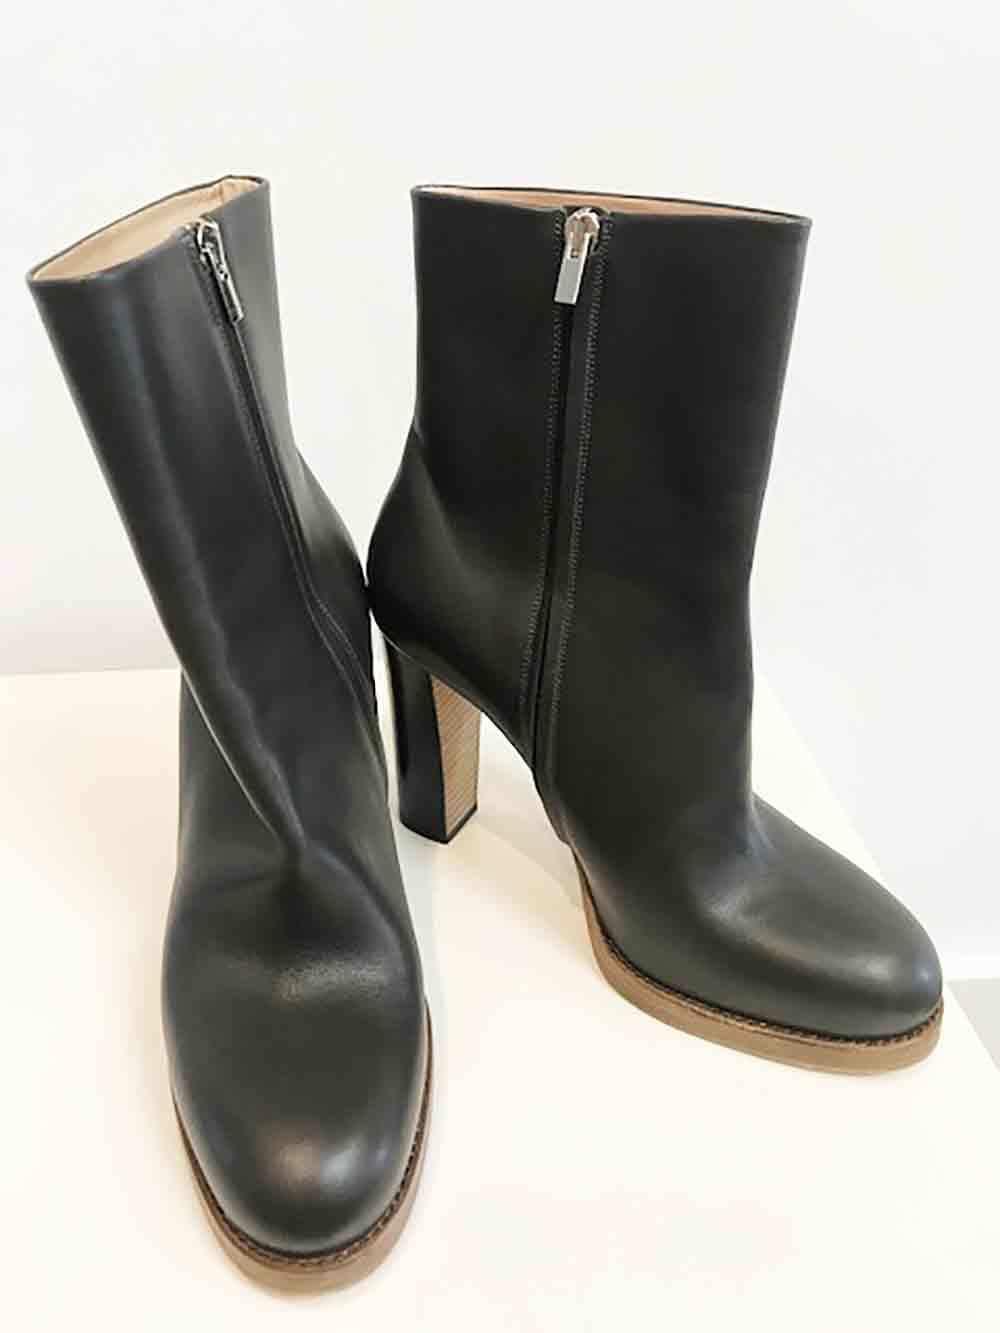 Designer Celine Paris Size 40 brown Leather Perfect Women's Boots